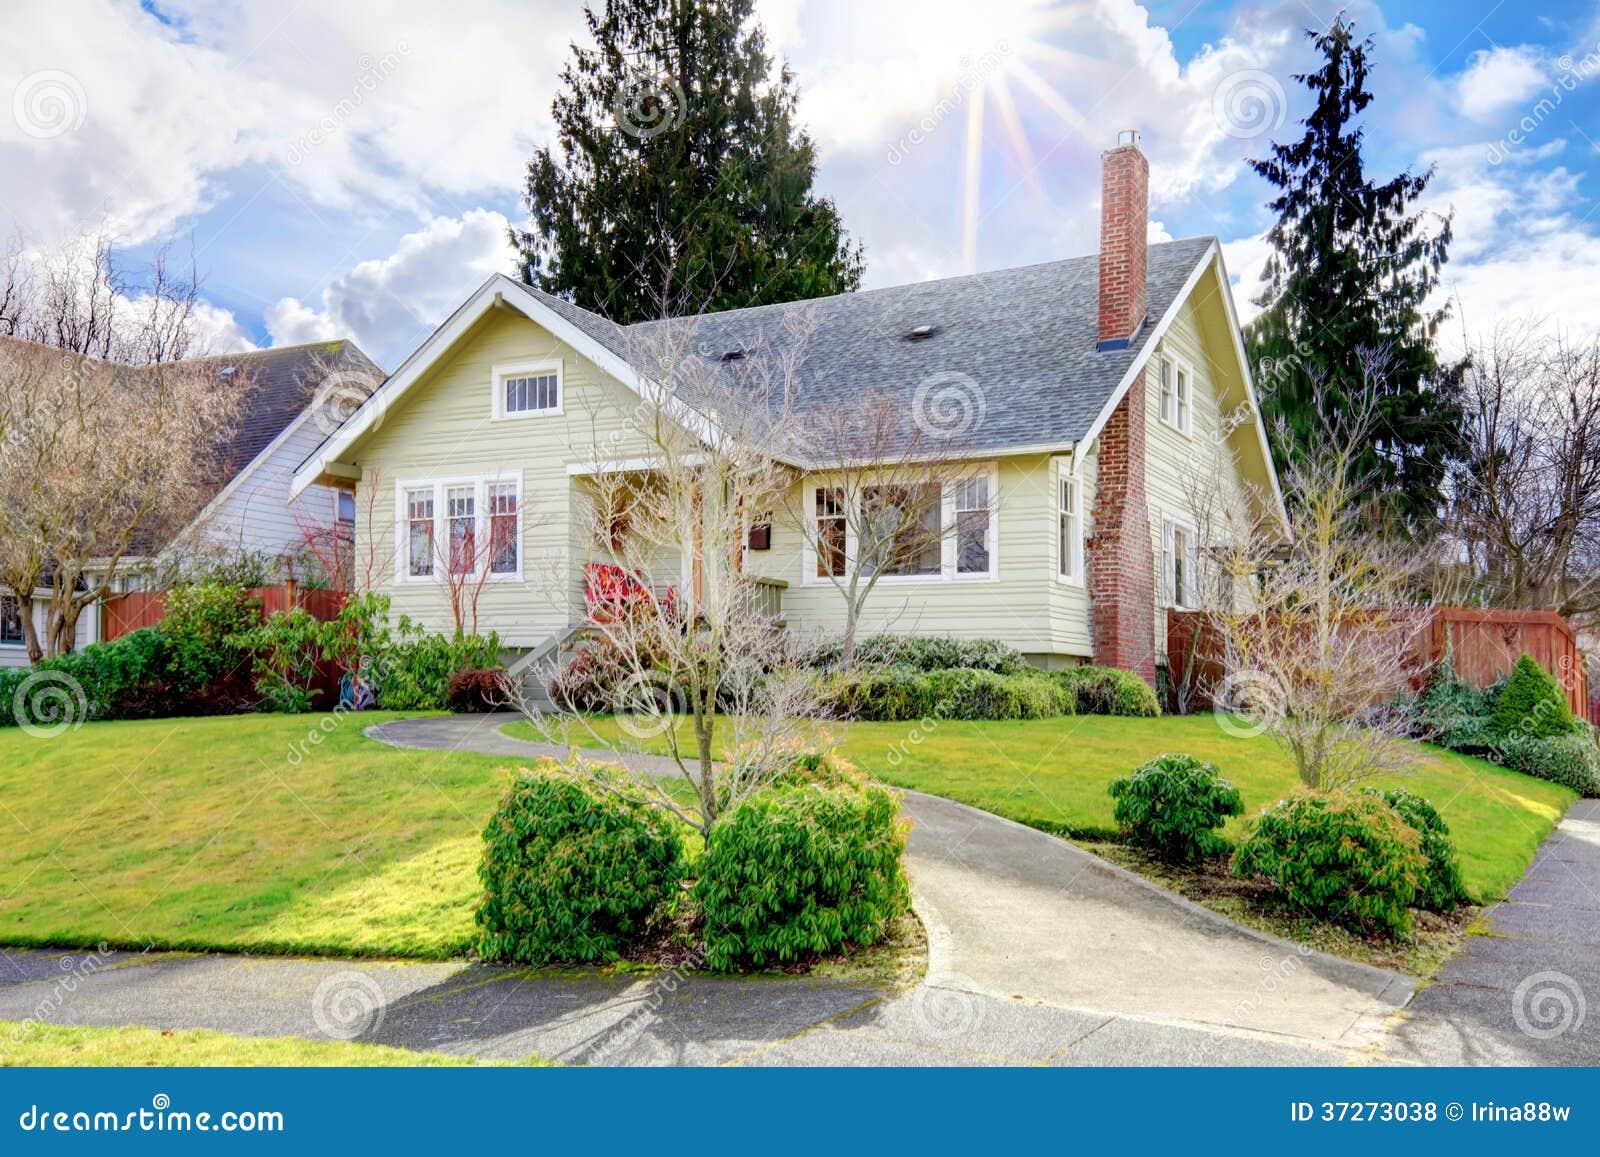 Amerikaans Geel Het Opruimen Huis Royalty Vrije Stock Foto Huis Interieur Huis Interieur 2018 [thecoolkids.us]